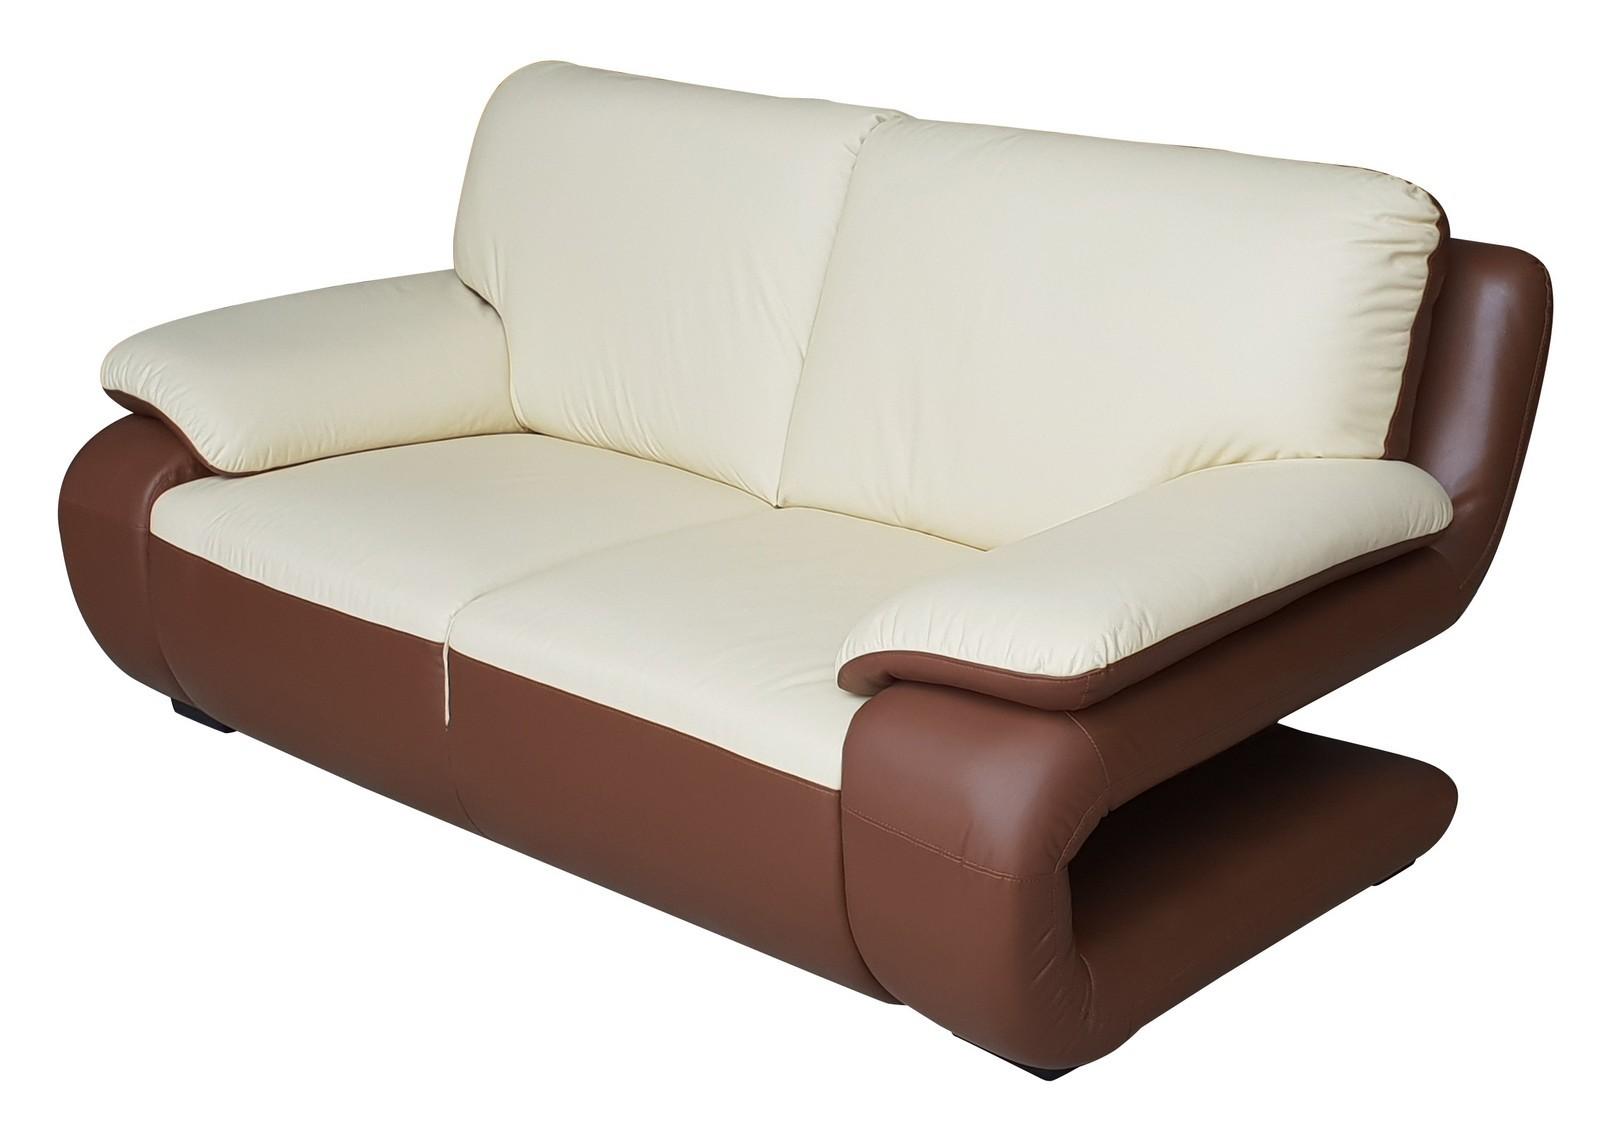 Full Size of Sofa Federkern 3 Sitzer Couch Oder Wellenunterfederung Big Poco Schaum Mit Schaumstoff Kaltschaum Leder In Grau Braun Mapo Mbel Schillig Microfaser Wk Sofort Sofa Sofa Federkern